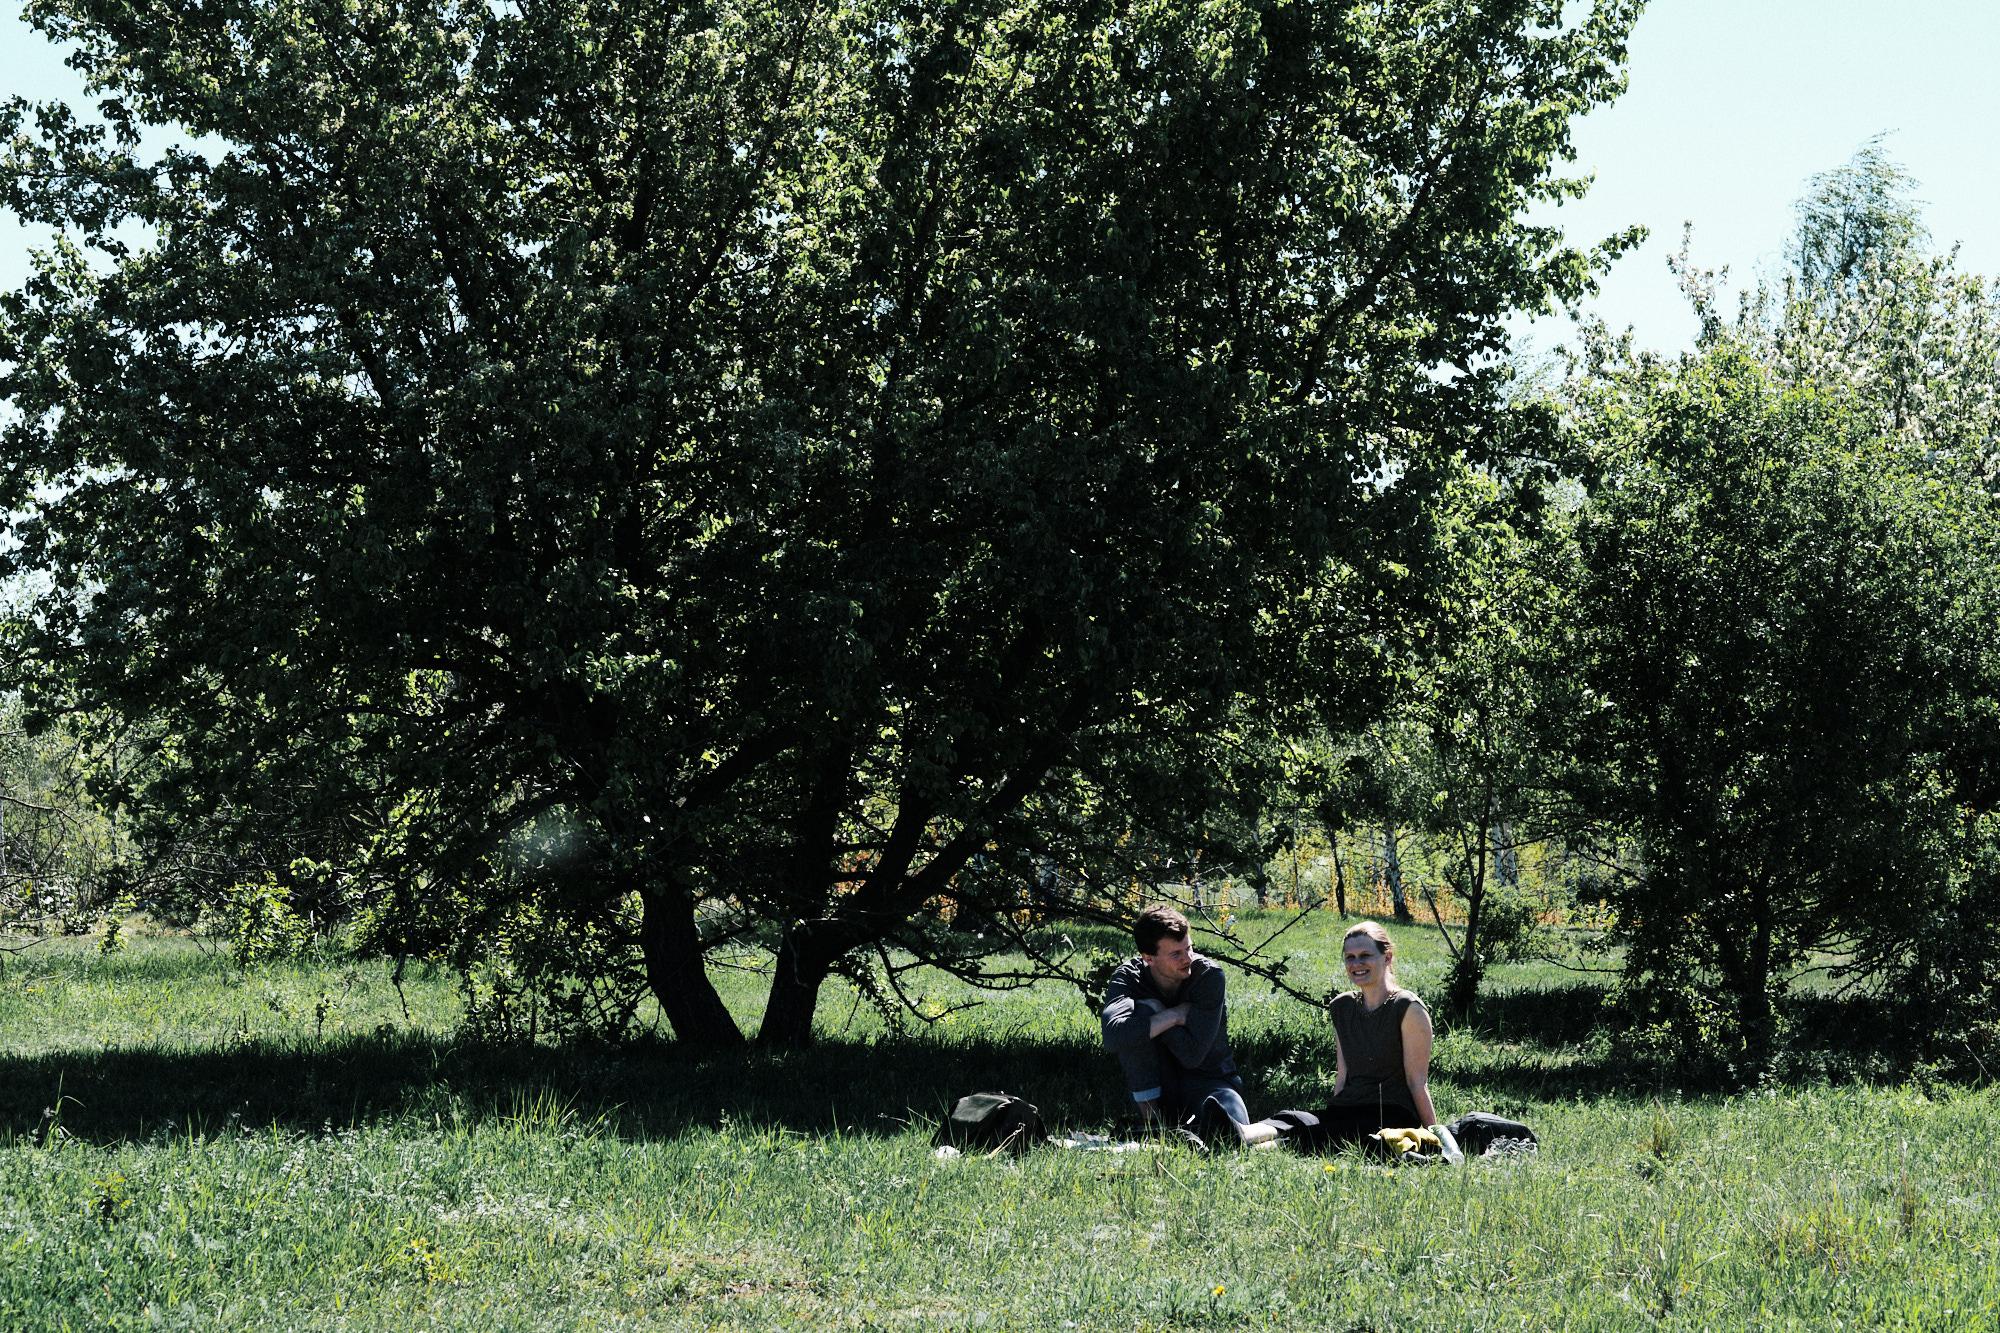 Kerstin Preiwuß mit Konstantin Schönfelder am unmittelbaren Ufer des Cospudener Sees